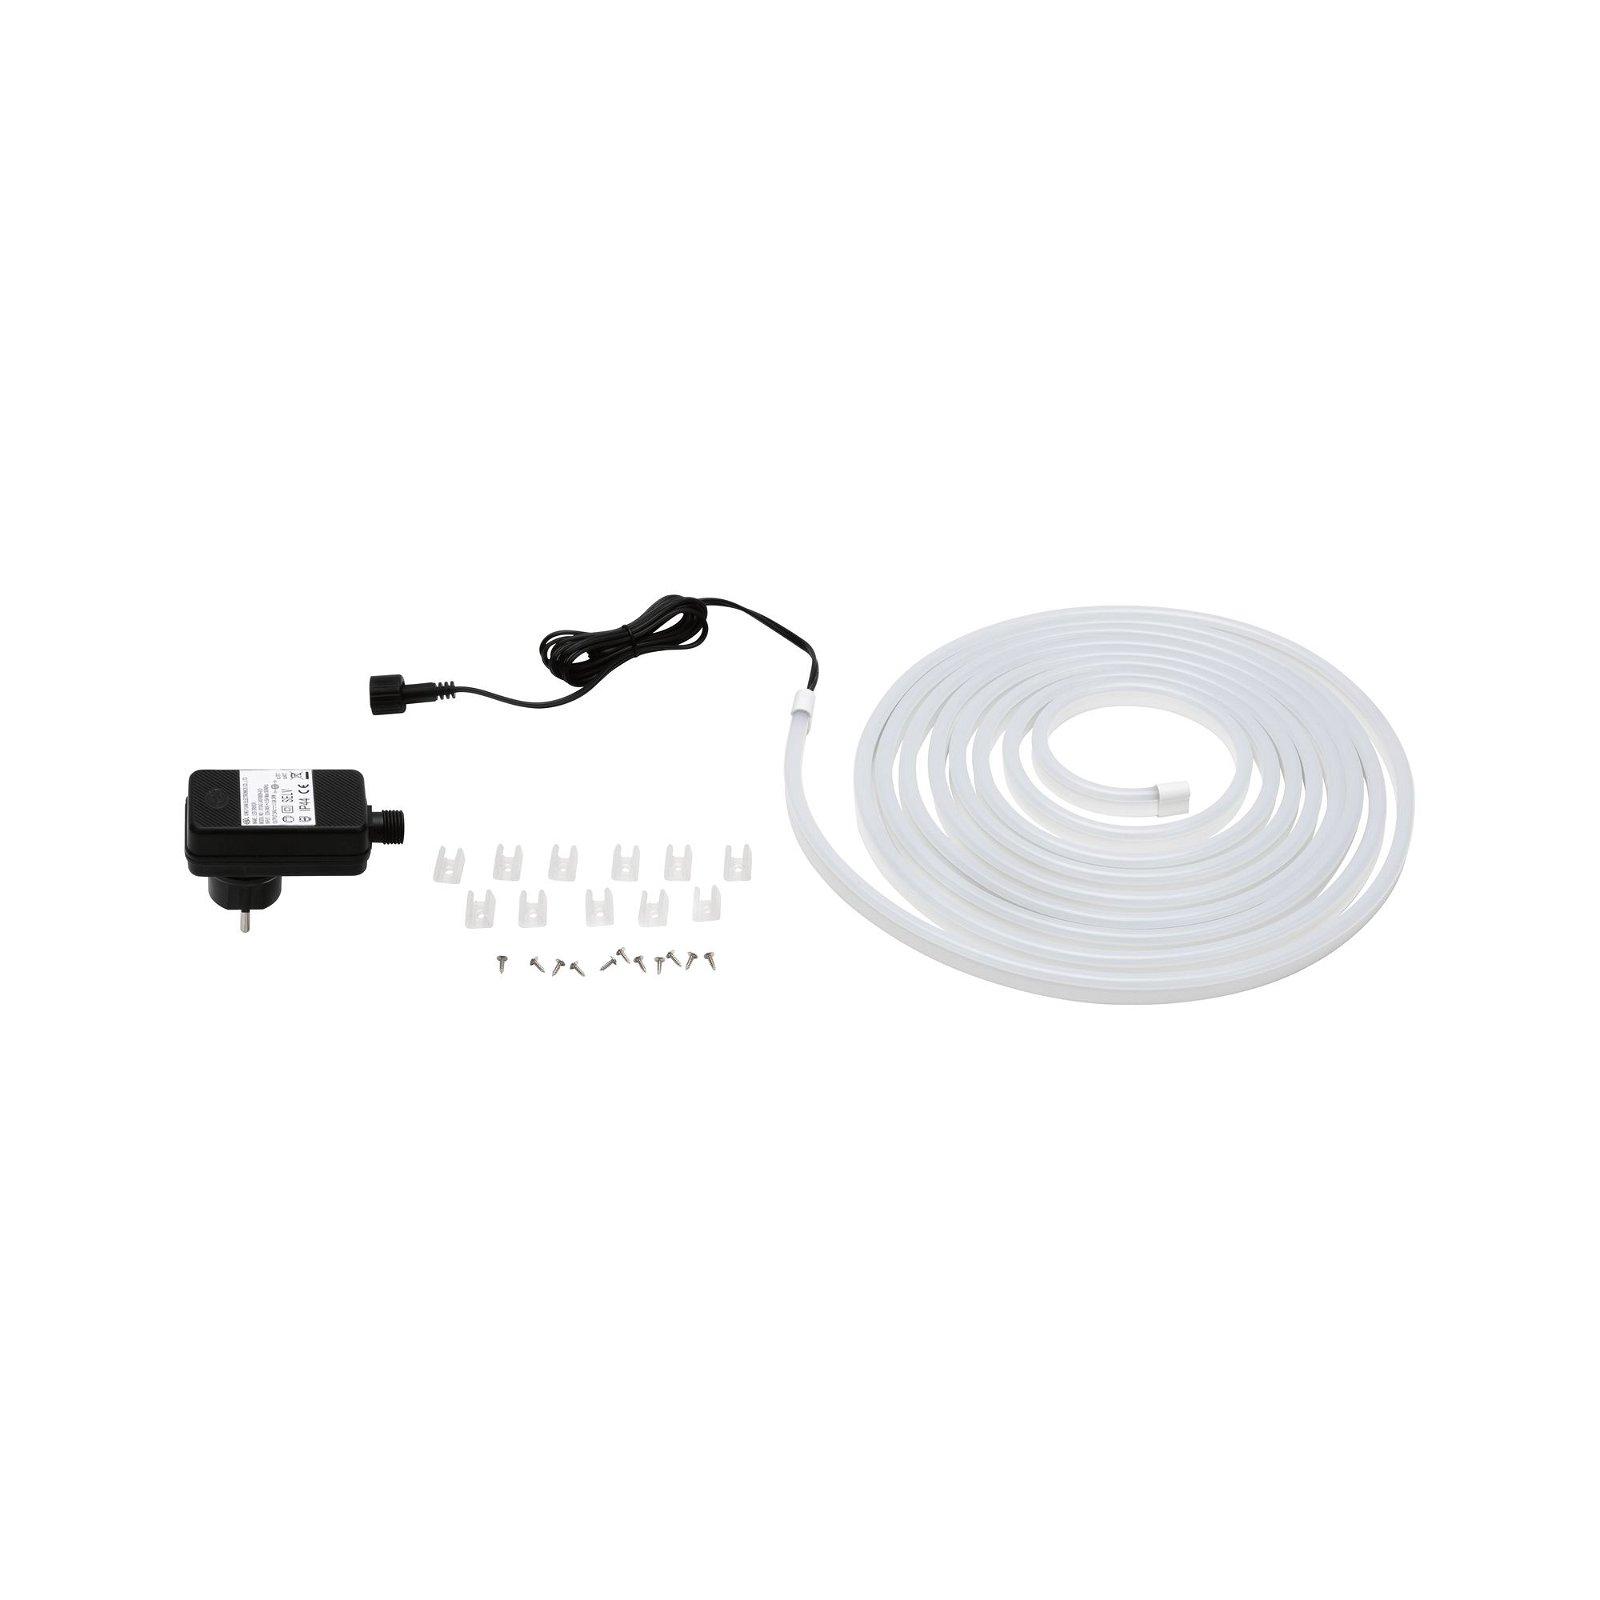 SimpLED LED Strip Outdoor Basisset 5m IP65 20W 2100lm 3000K 24VA